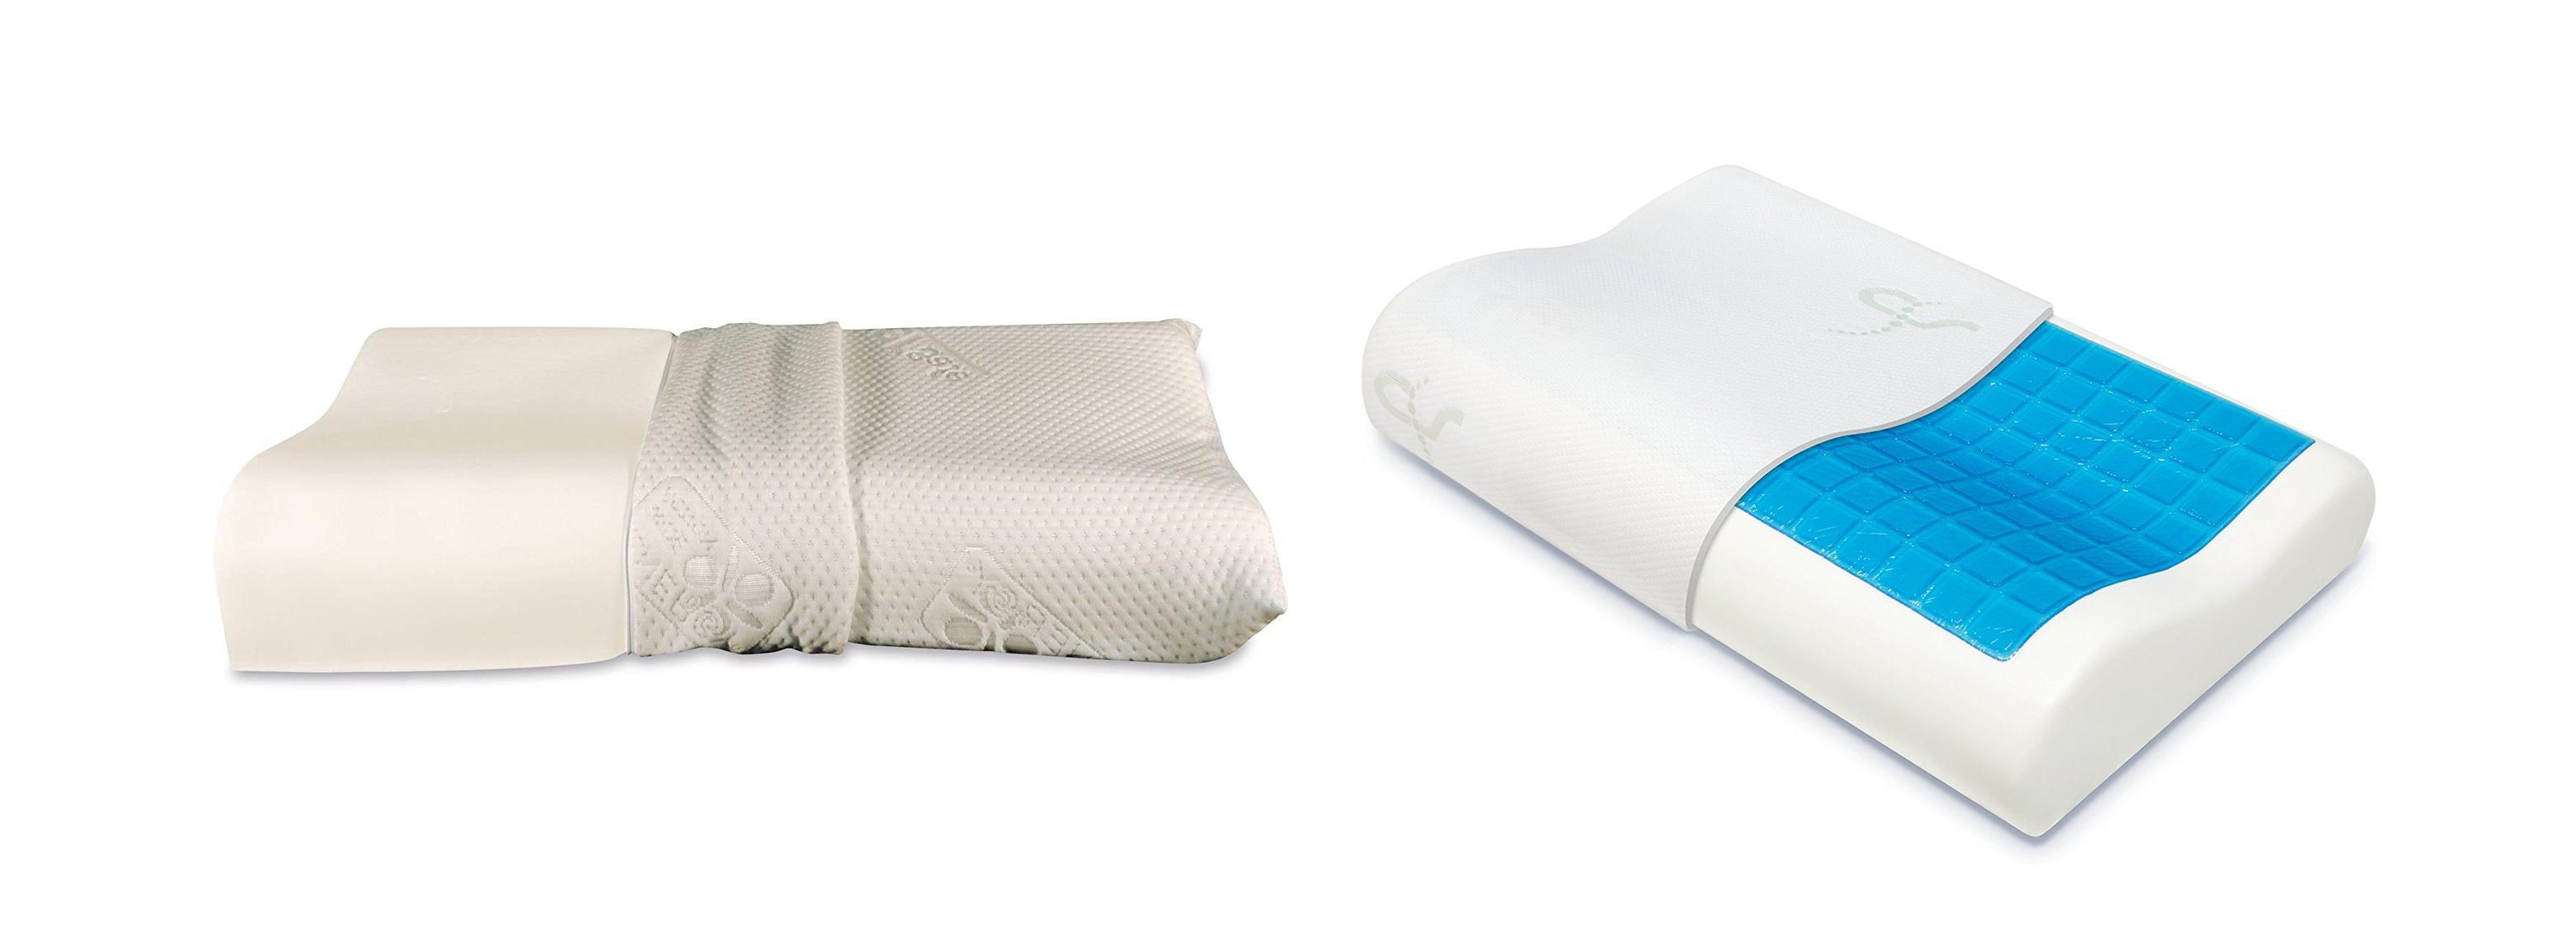 oreiller ergonomique guide 2018 test et avis des meilleurs oreillers. Black Bedroom Furniture Sets. Home Design Ideas